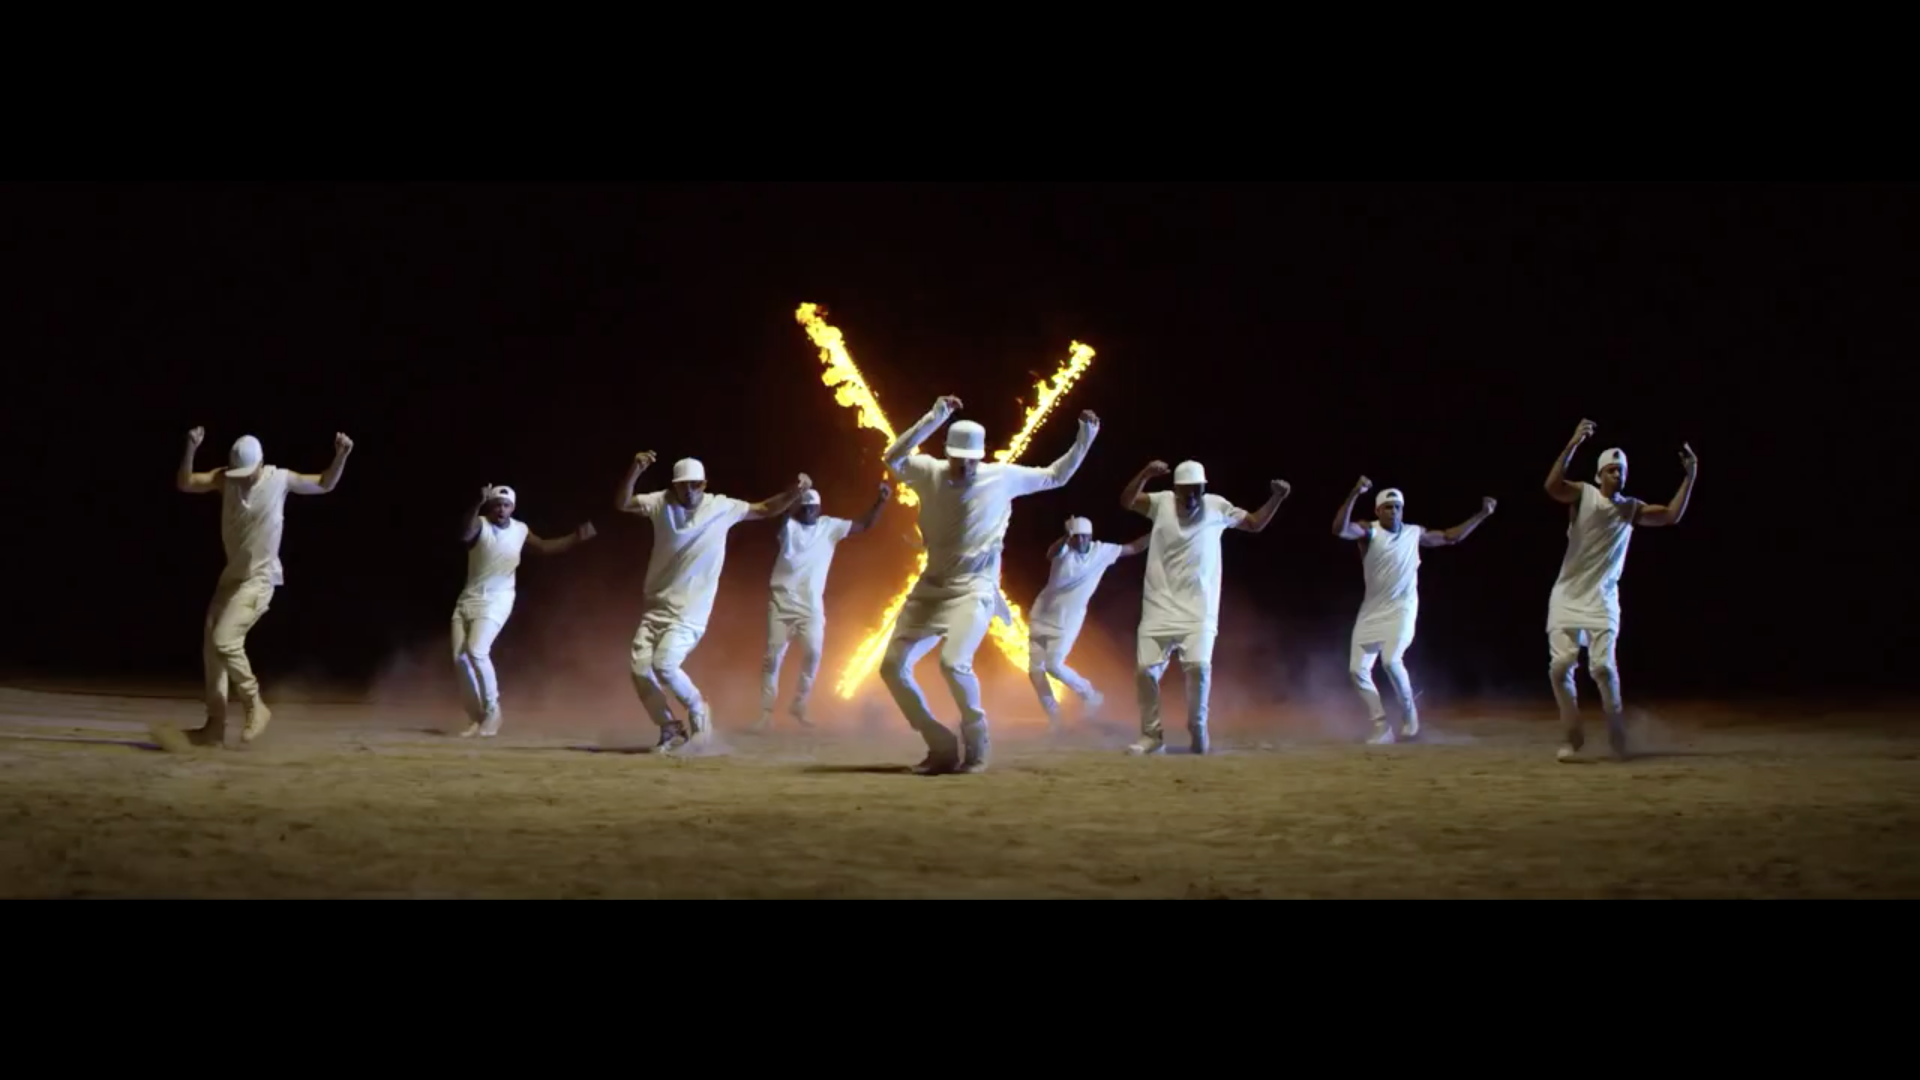 chris brown dancing fast in new flame.jpg